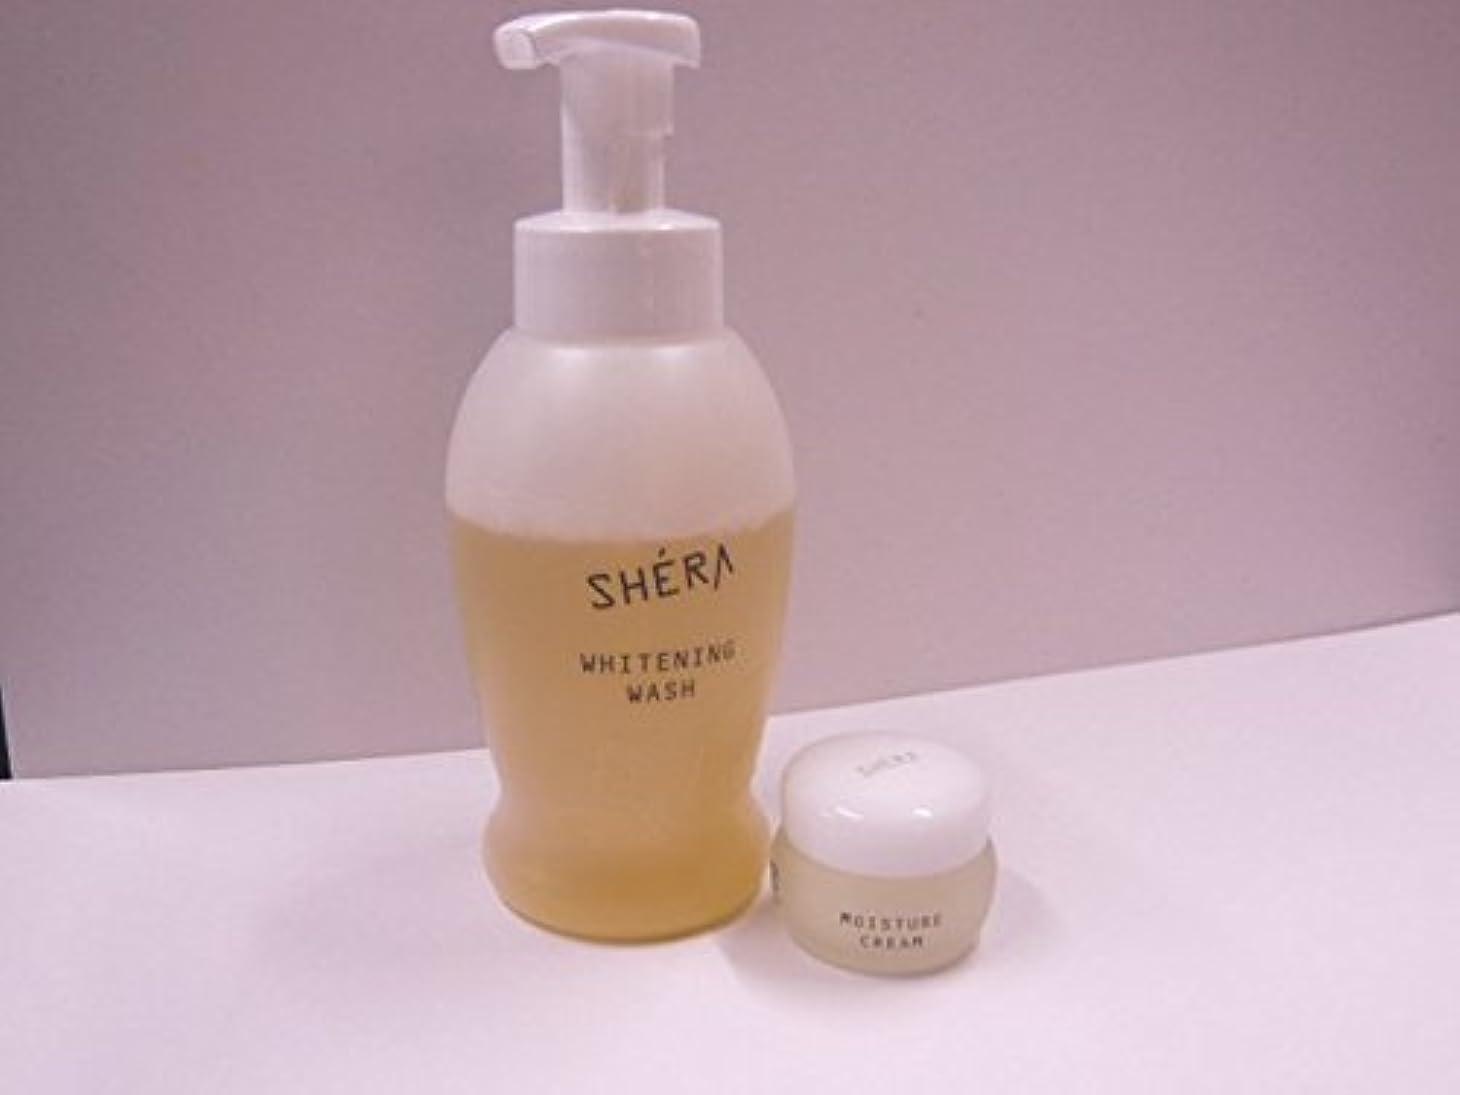 割る避けられないコインランドリーきれいになる2!SHERA シェラバートン シェラウオッシュ 380ml泡タイプ+SHERA moisture cream(保湿ジェル)35g